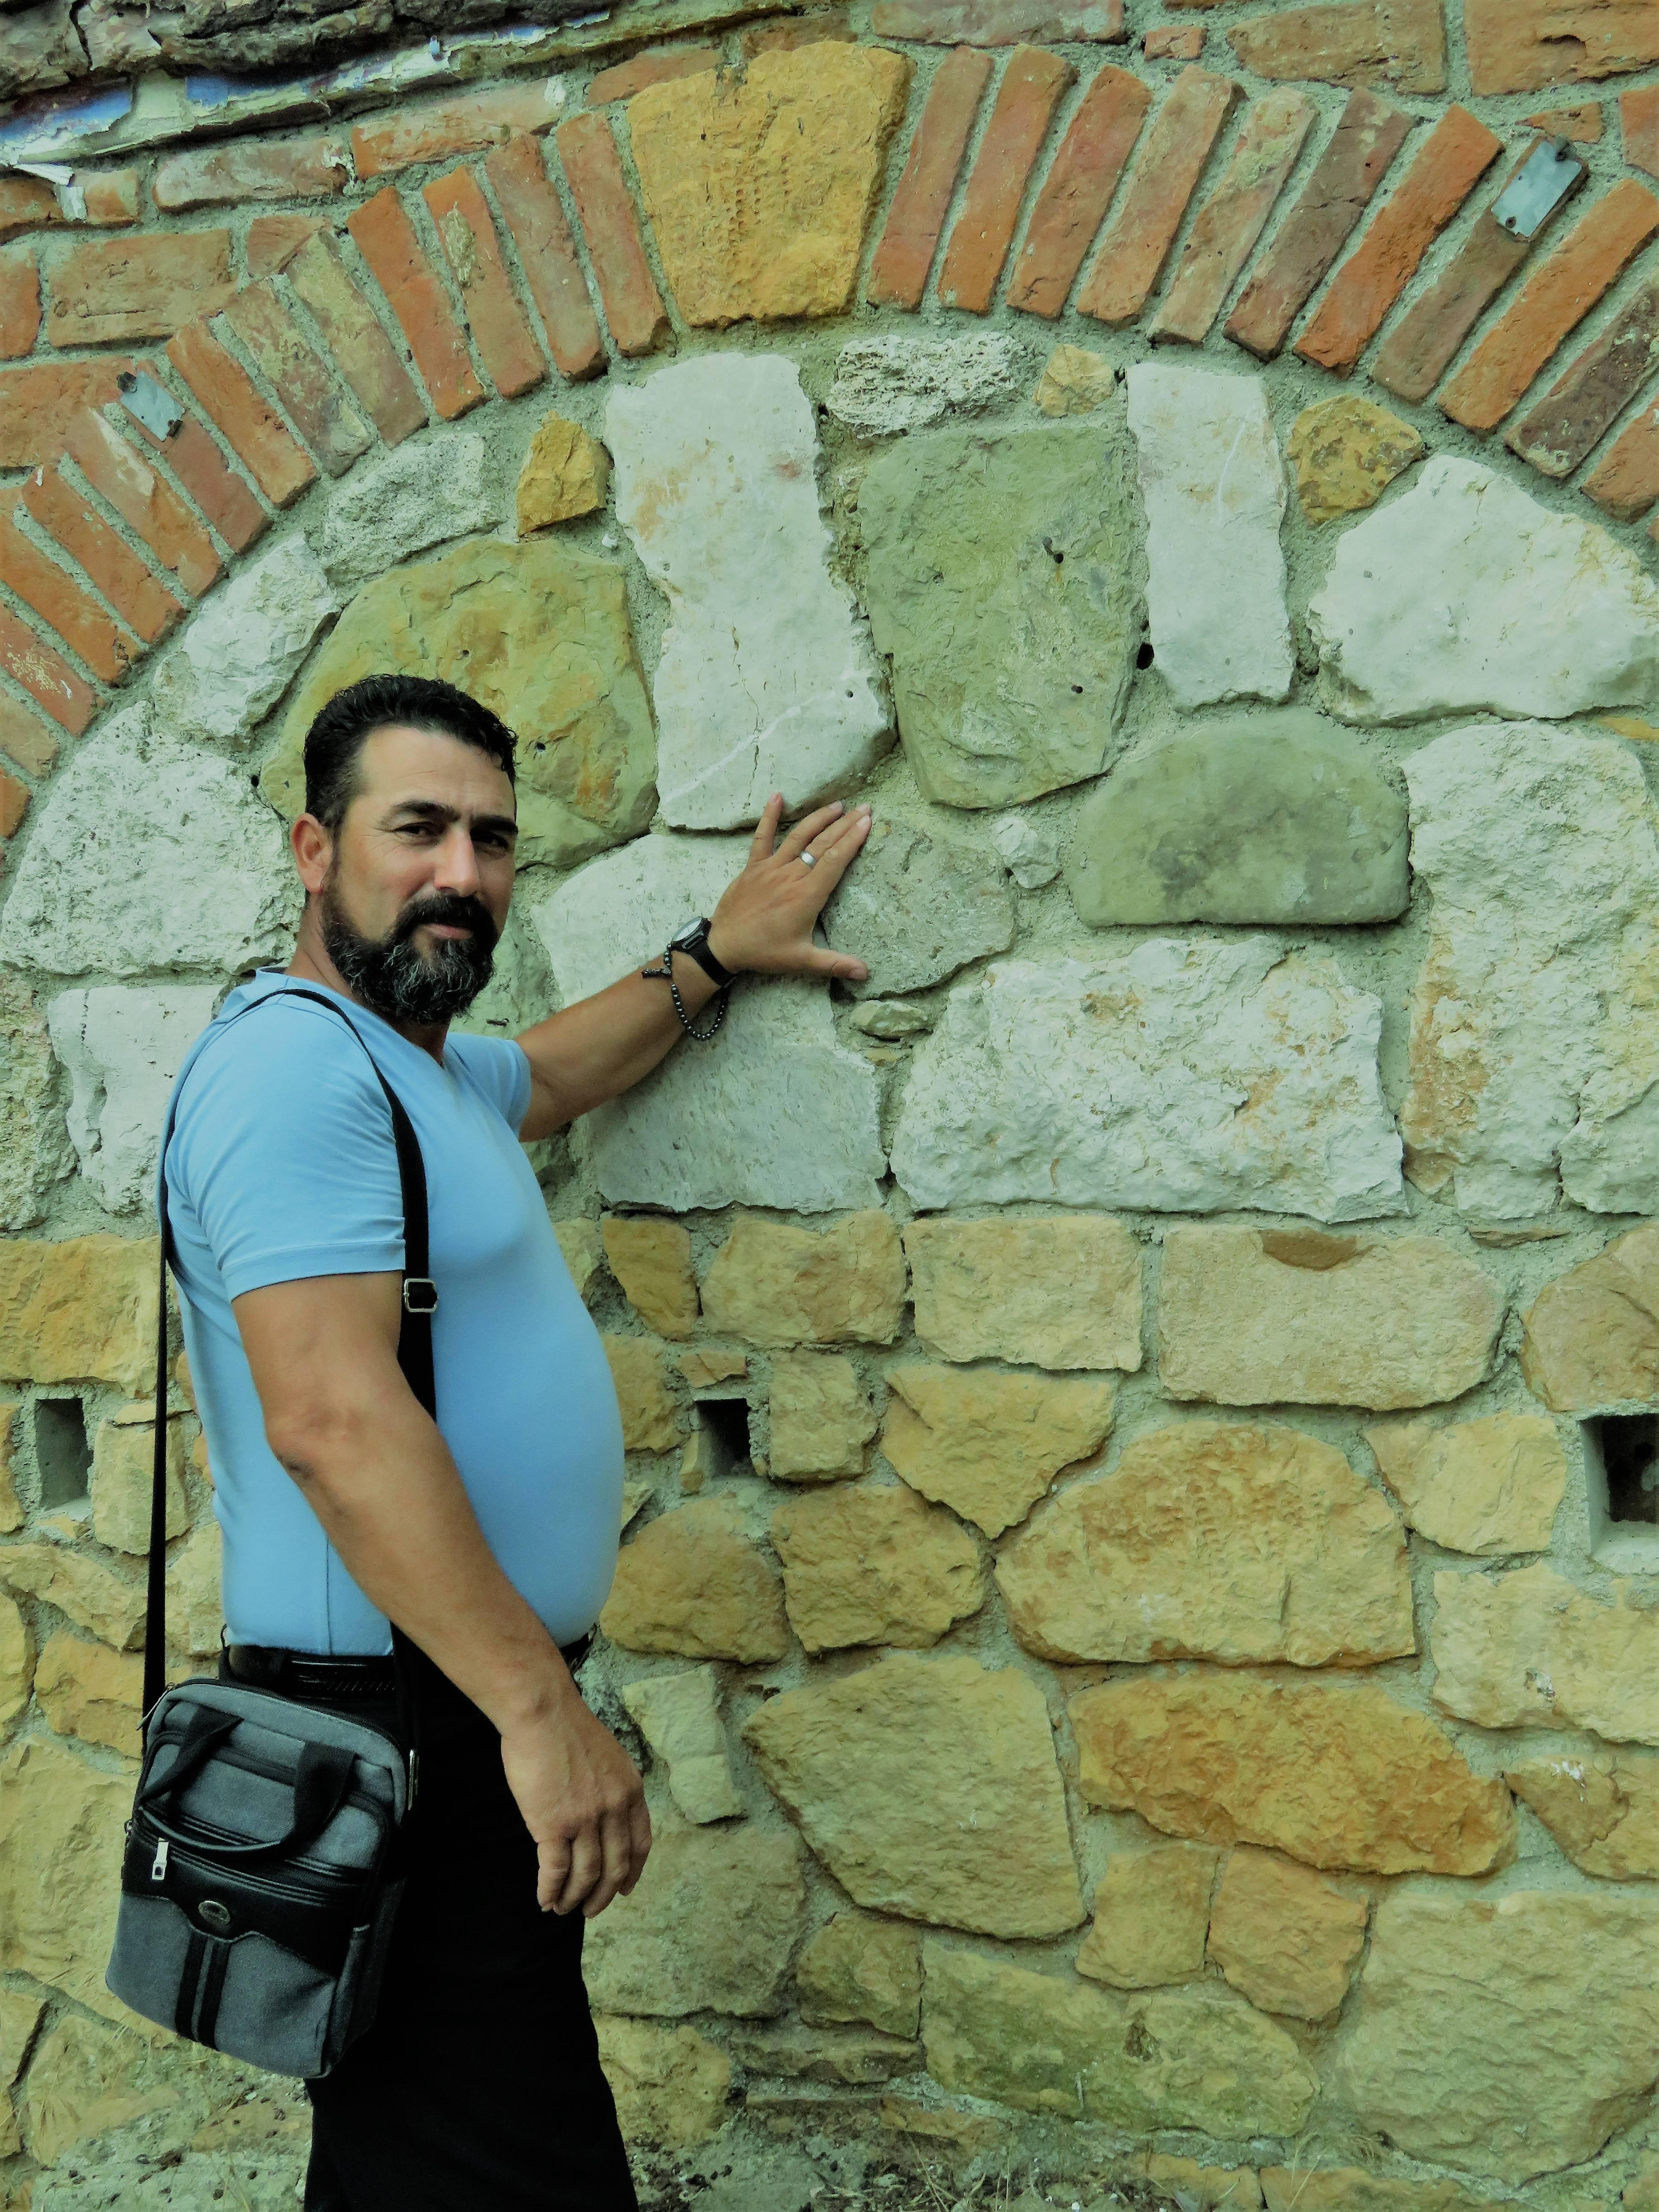 Ο κ. Ραμαντάν στις Φέρες Εβρου όπου ζει και δραστηριοποιείται φωτογραφίζεται στο βυζαντινό υδραγωγείο στο ρέμα του Κοτζια απ όπου περνούσε ο αρχαίος ποταμός Σαμία.